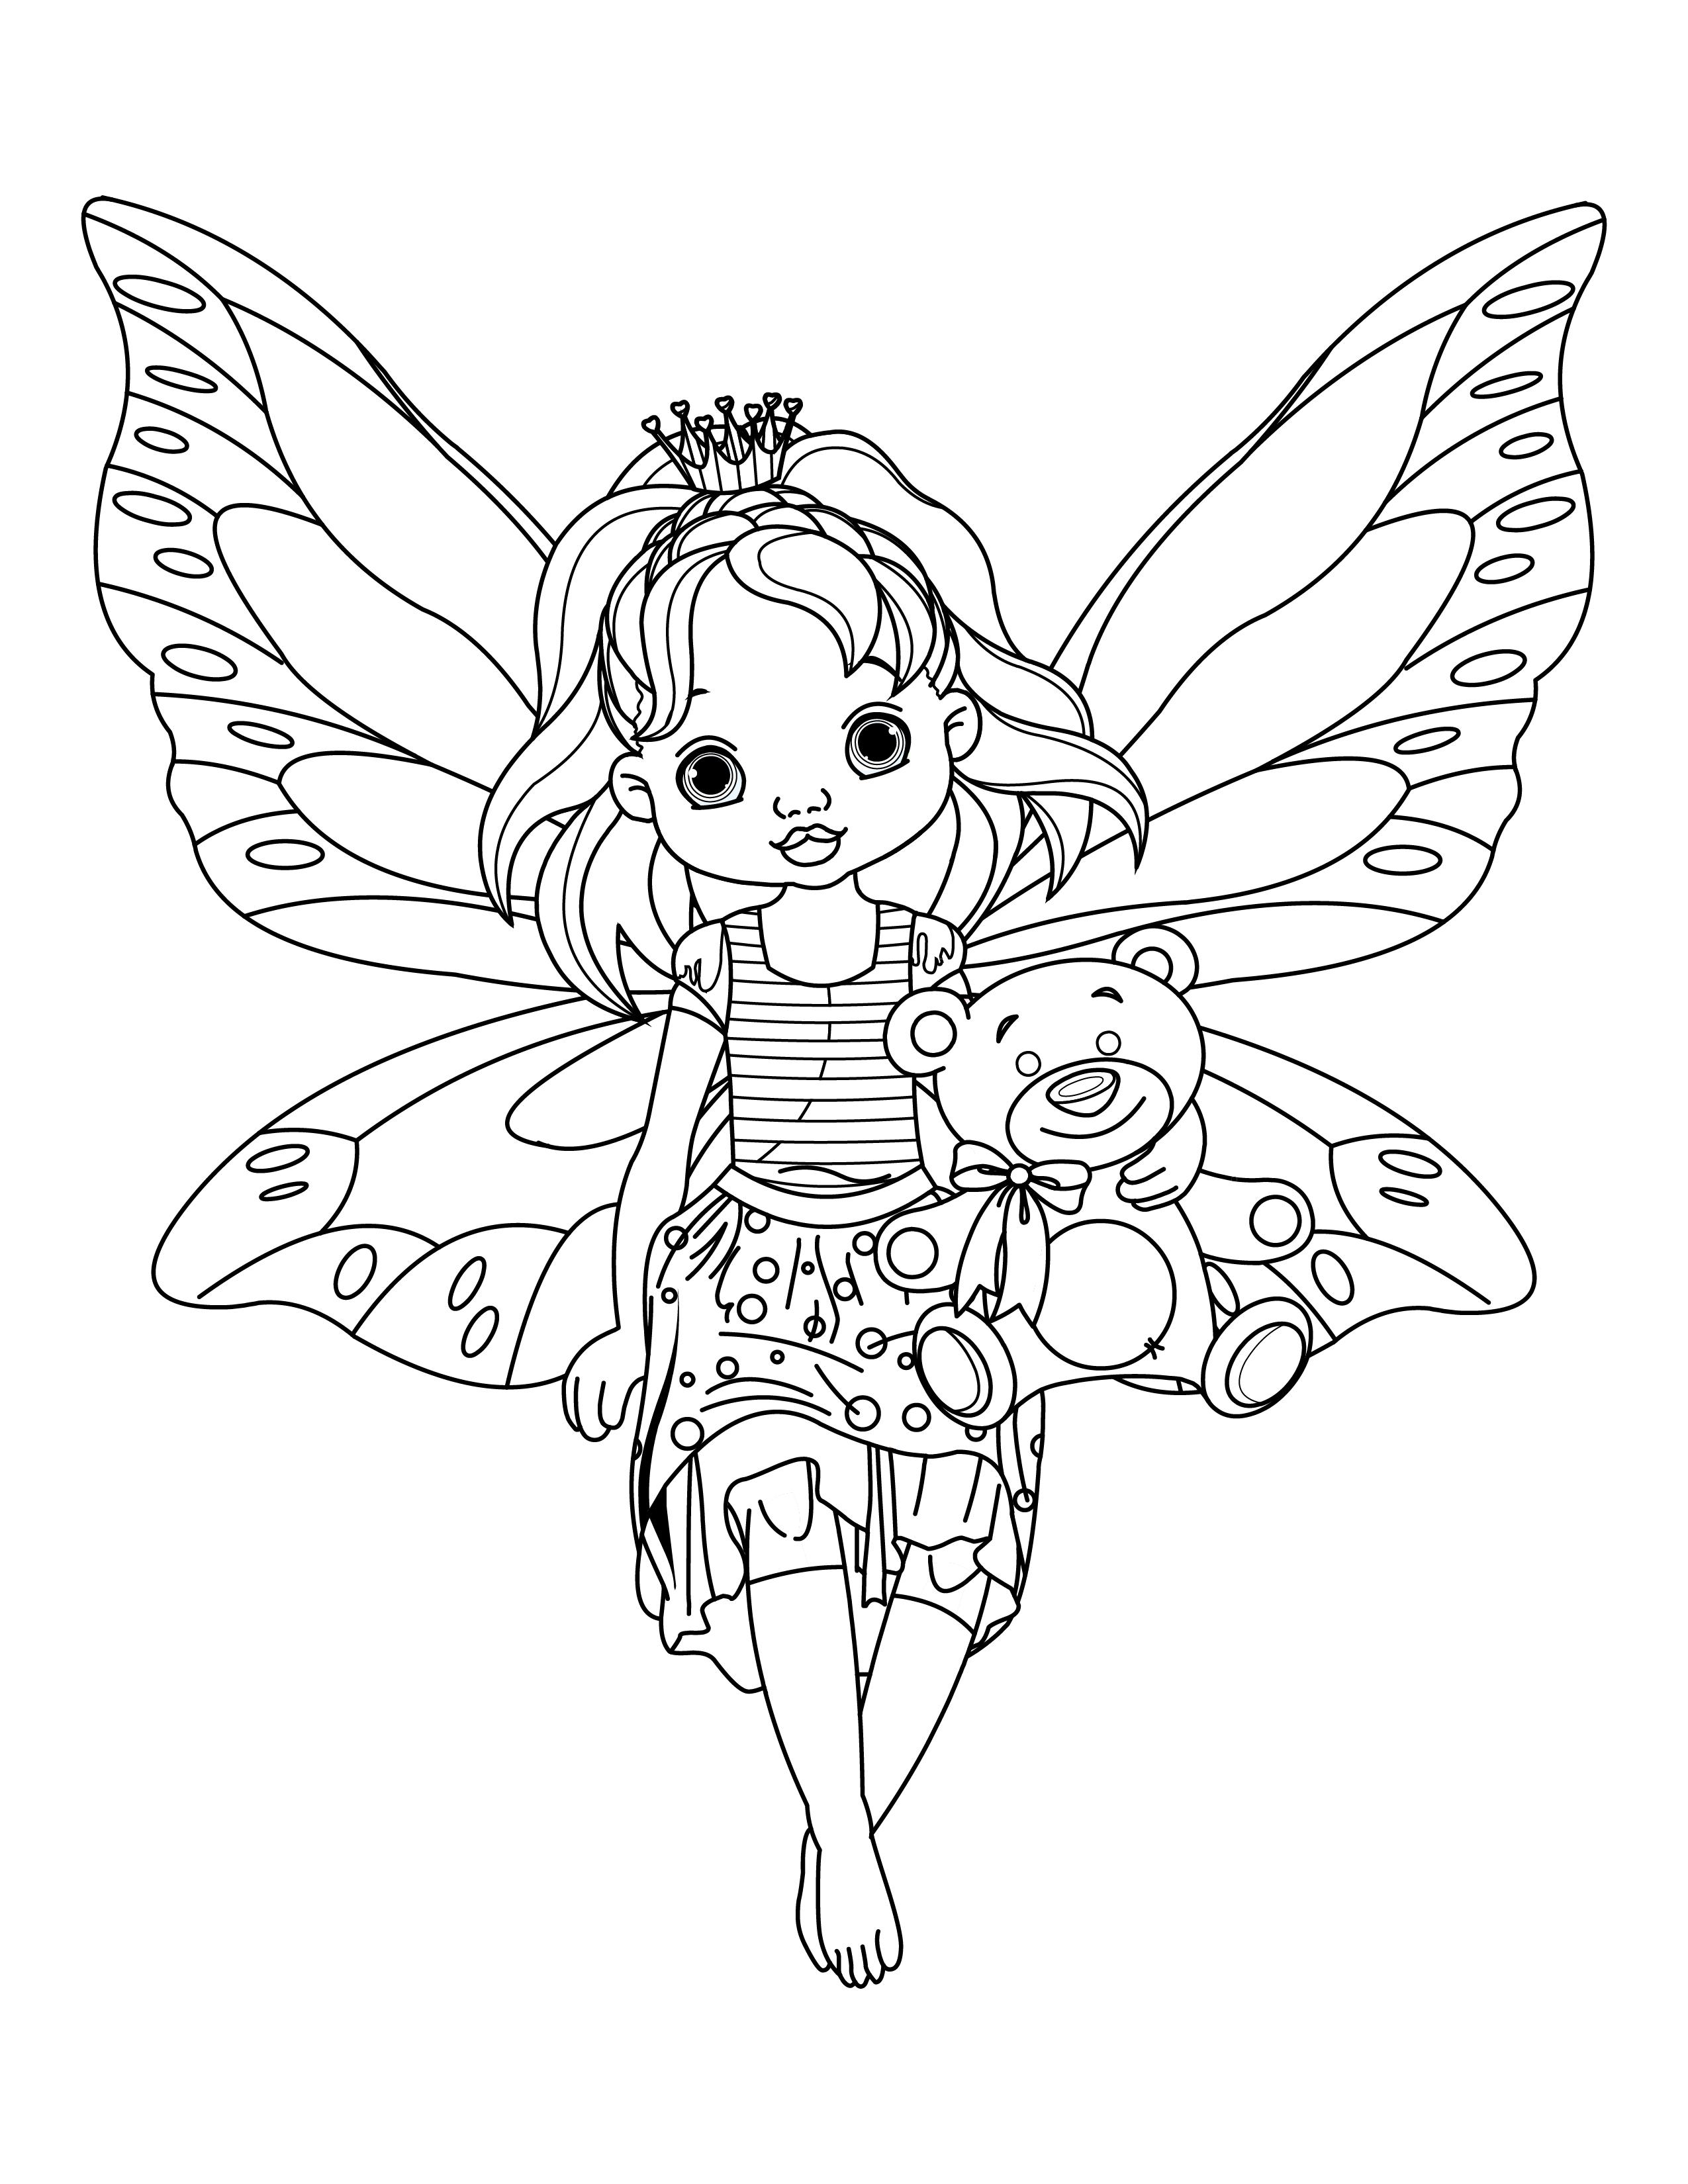 Meilleur de dessin a imprimer gratuit de fee clochette - Clochette coloriage ...